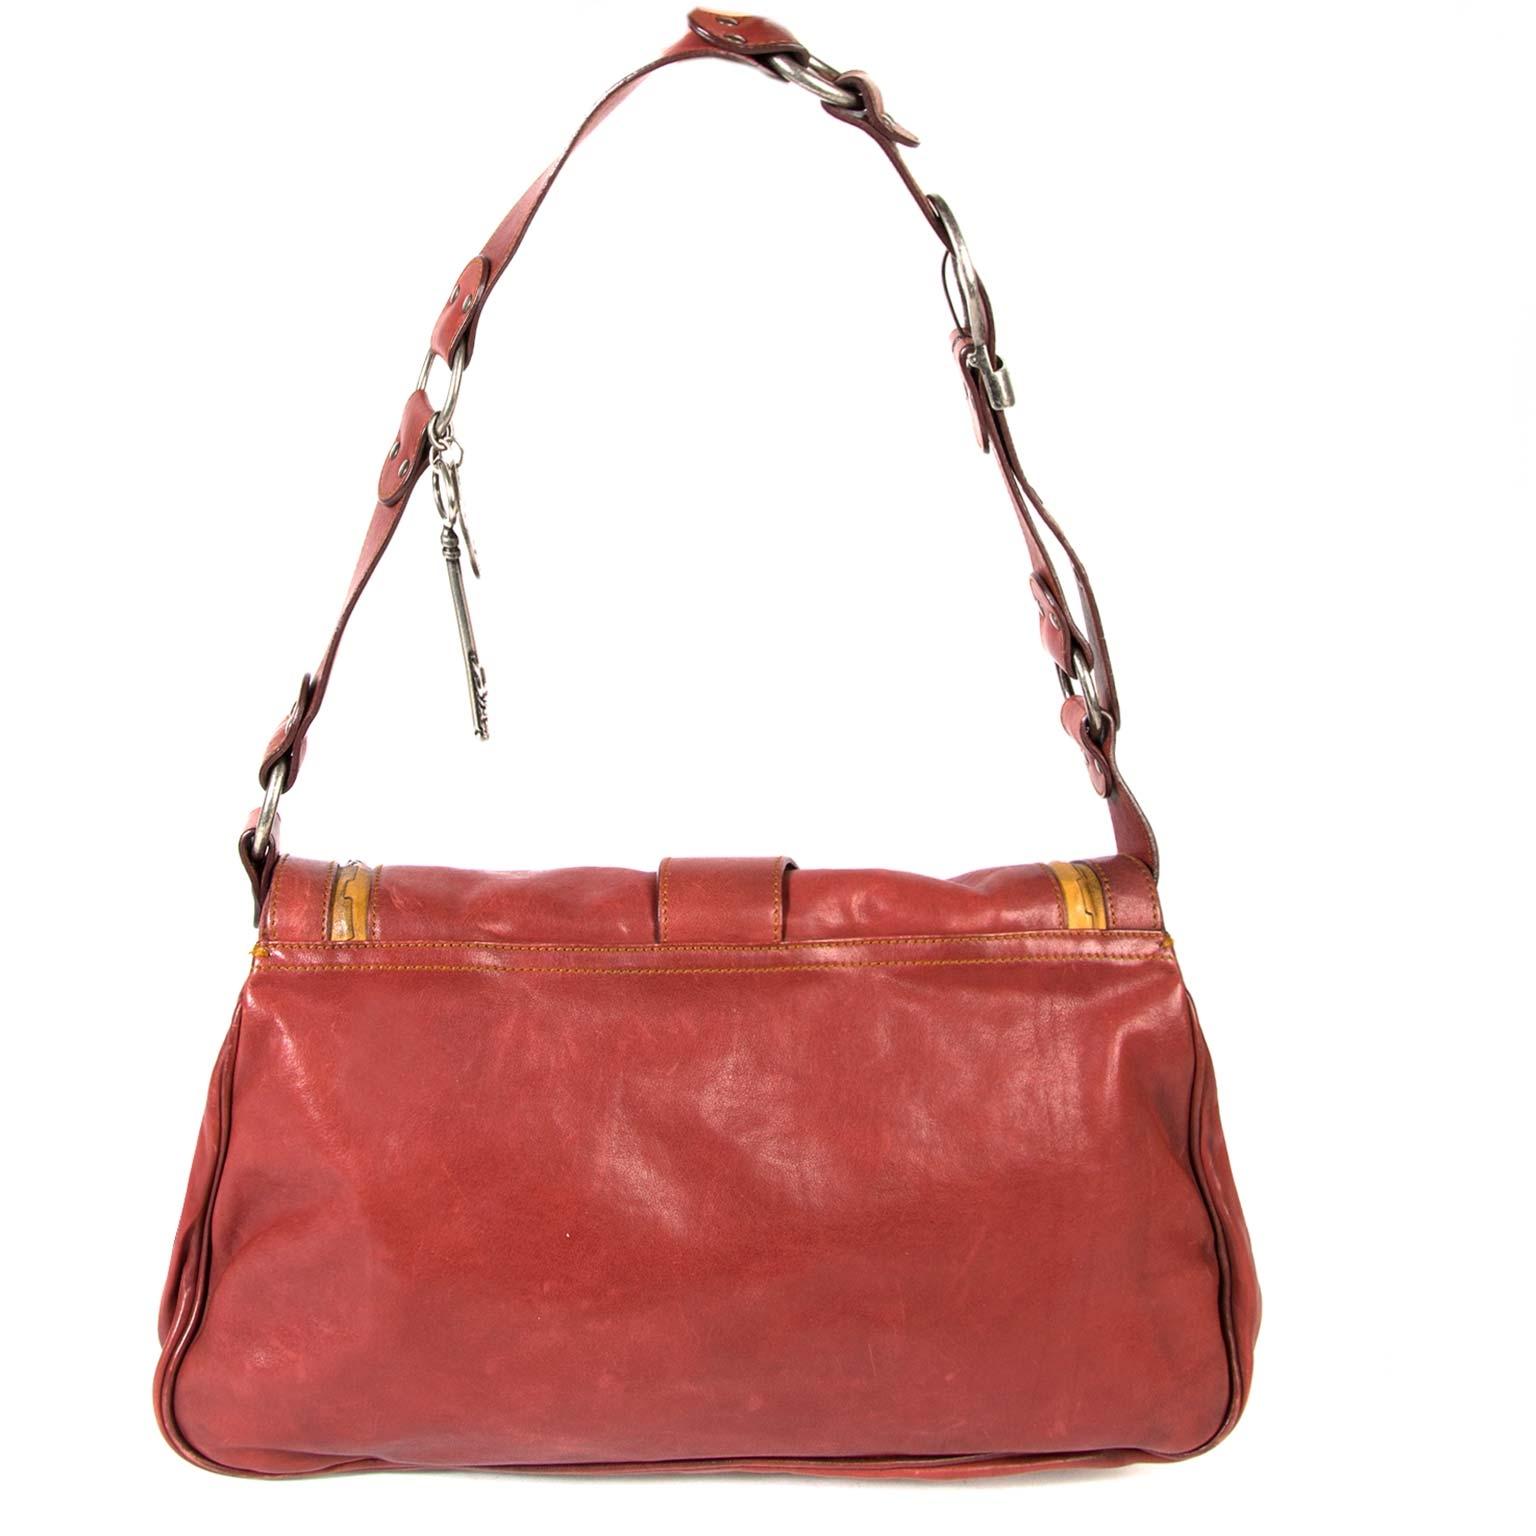 koop  Dior Red Gaucho Saddle Bag en betaal veilig online